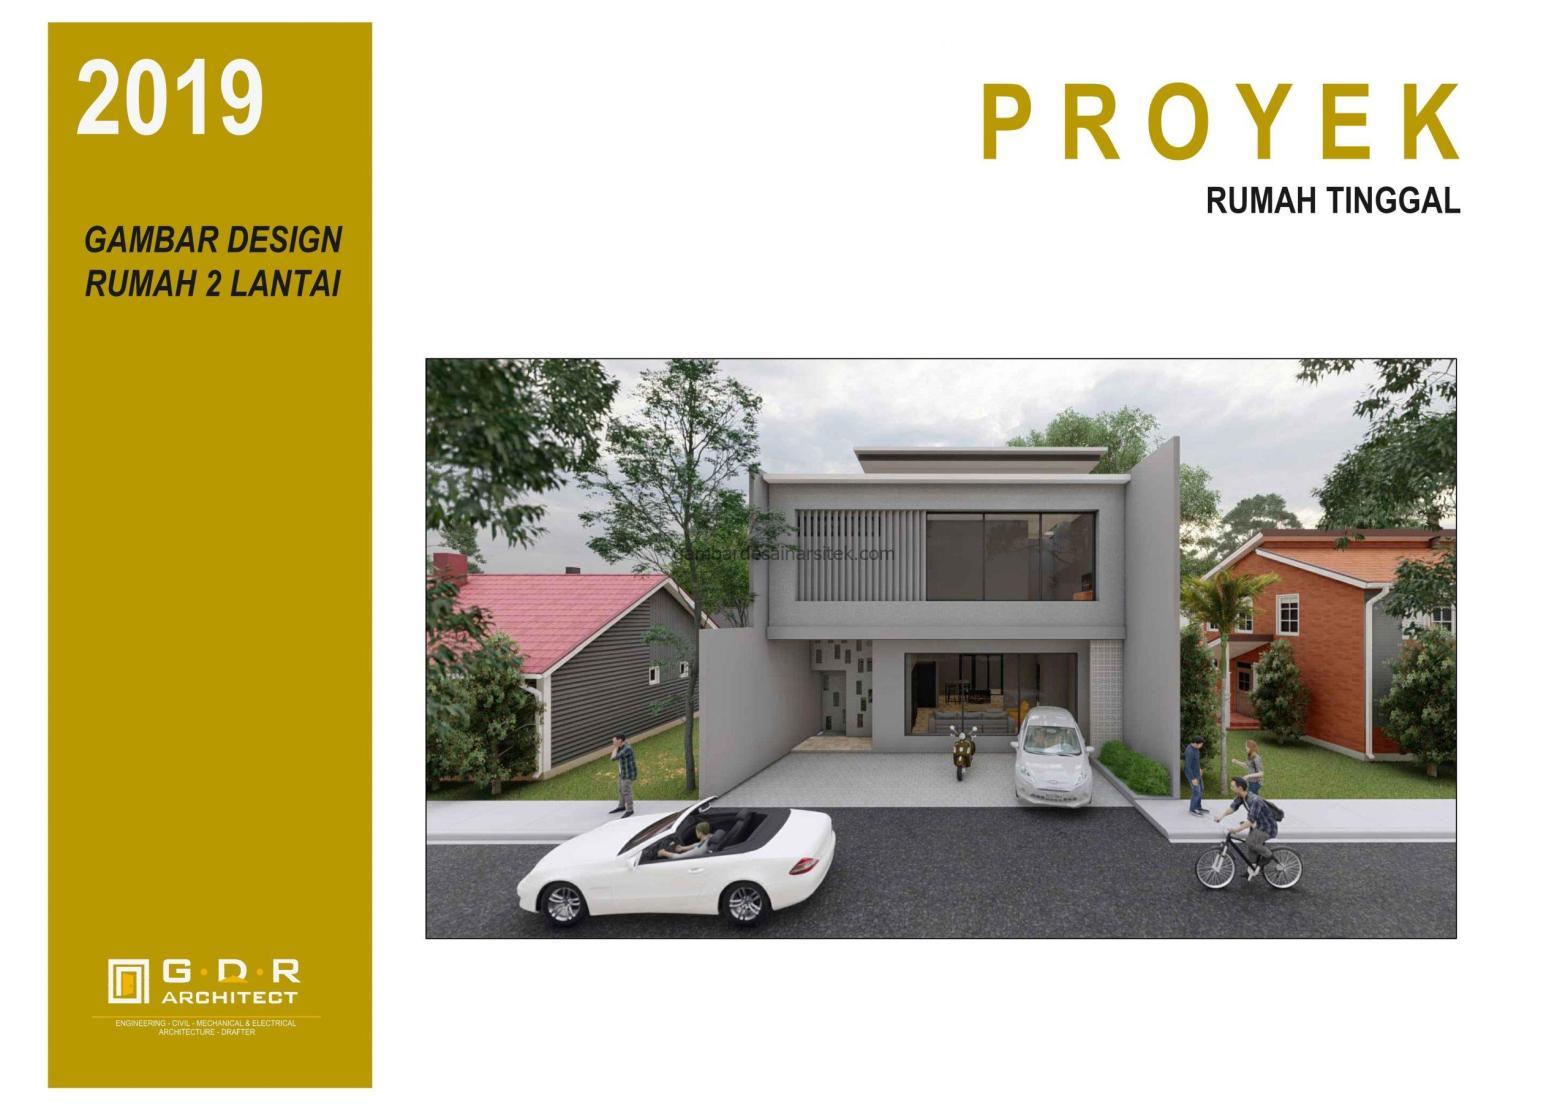 3D View Gambar Desain Rumah 2 Lantai 11x16 1